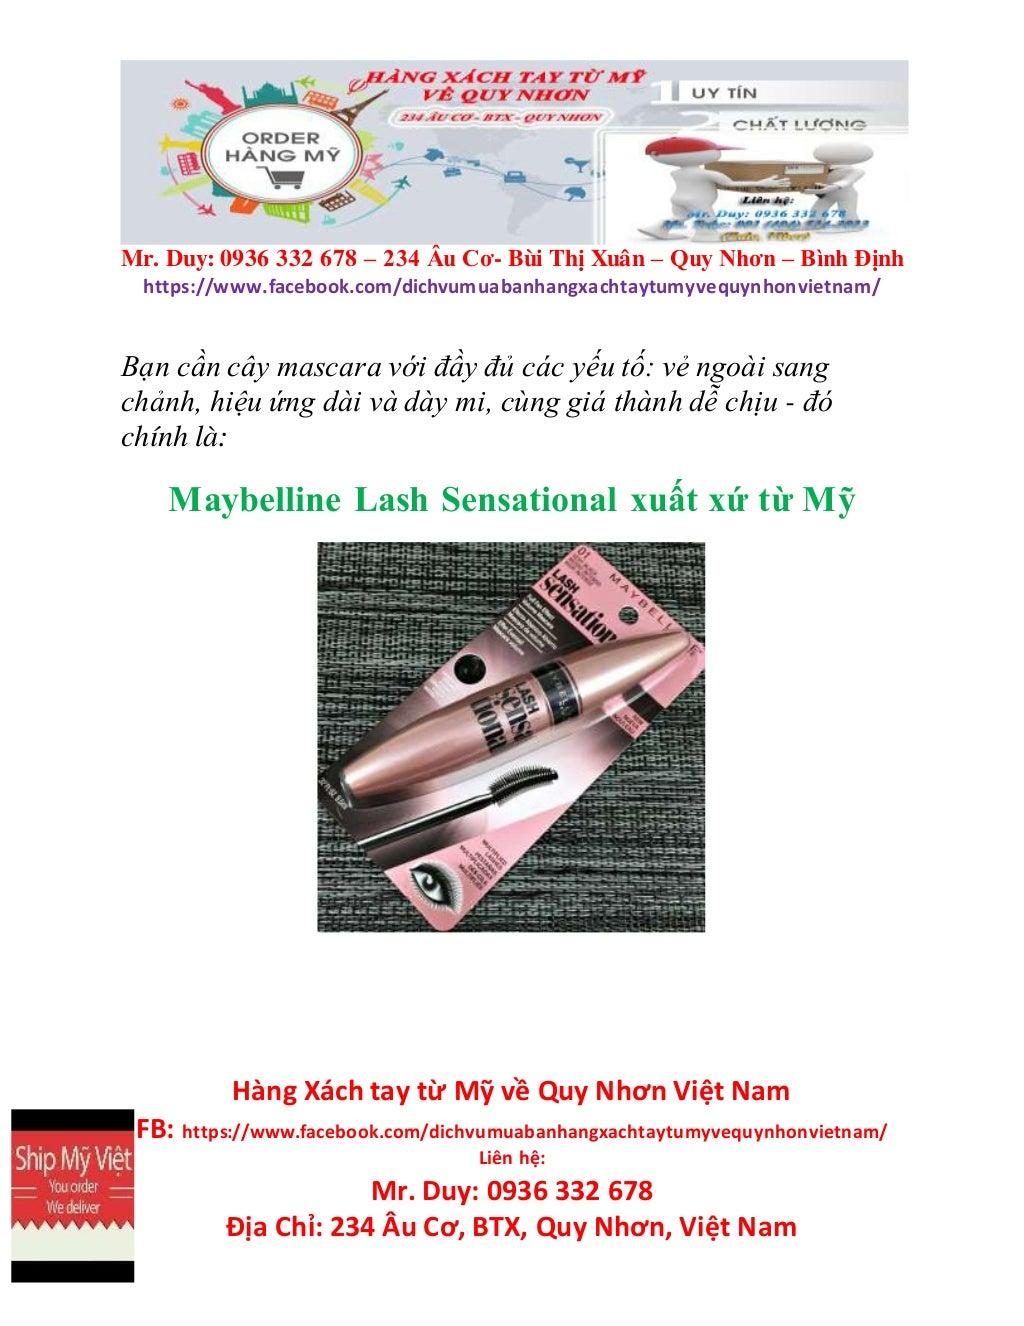 Ở đâu đặt mỹ phẩm xách tay tại Quy Nhơn chuyên nghiệp - Magazine cover